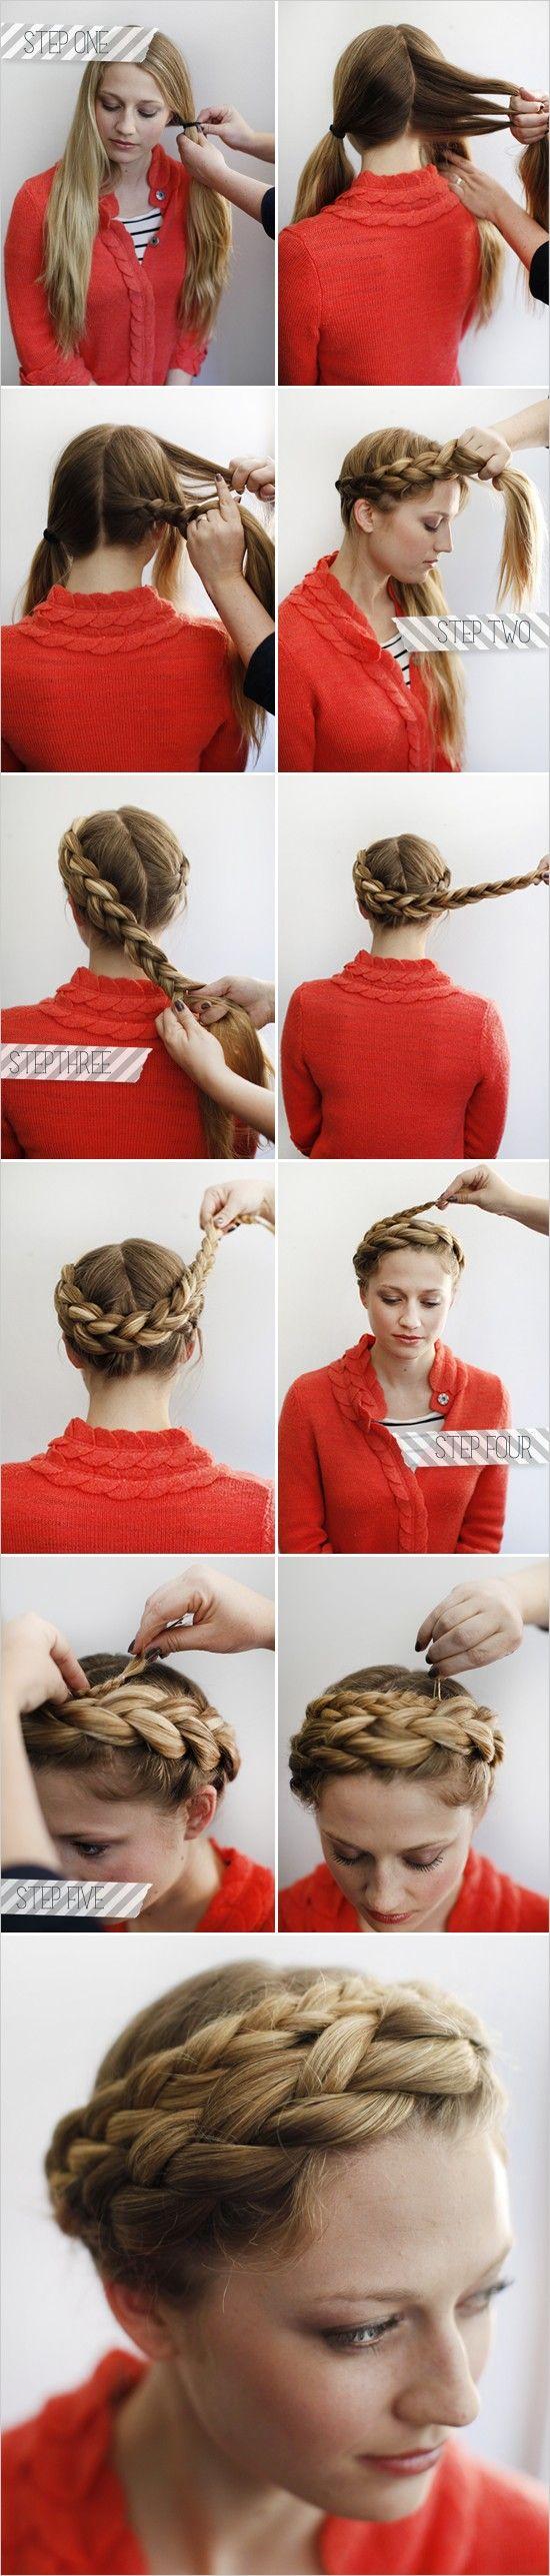 пошаговый мастер-класс плетения причёски с косой.